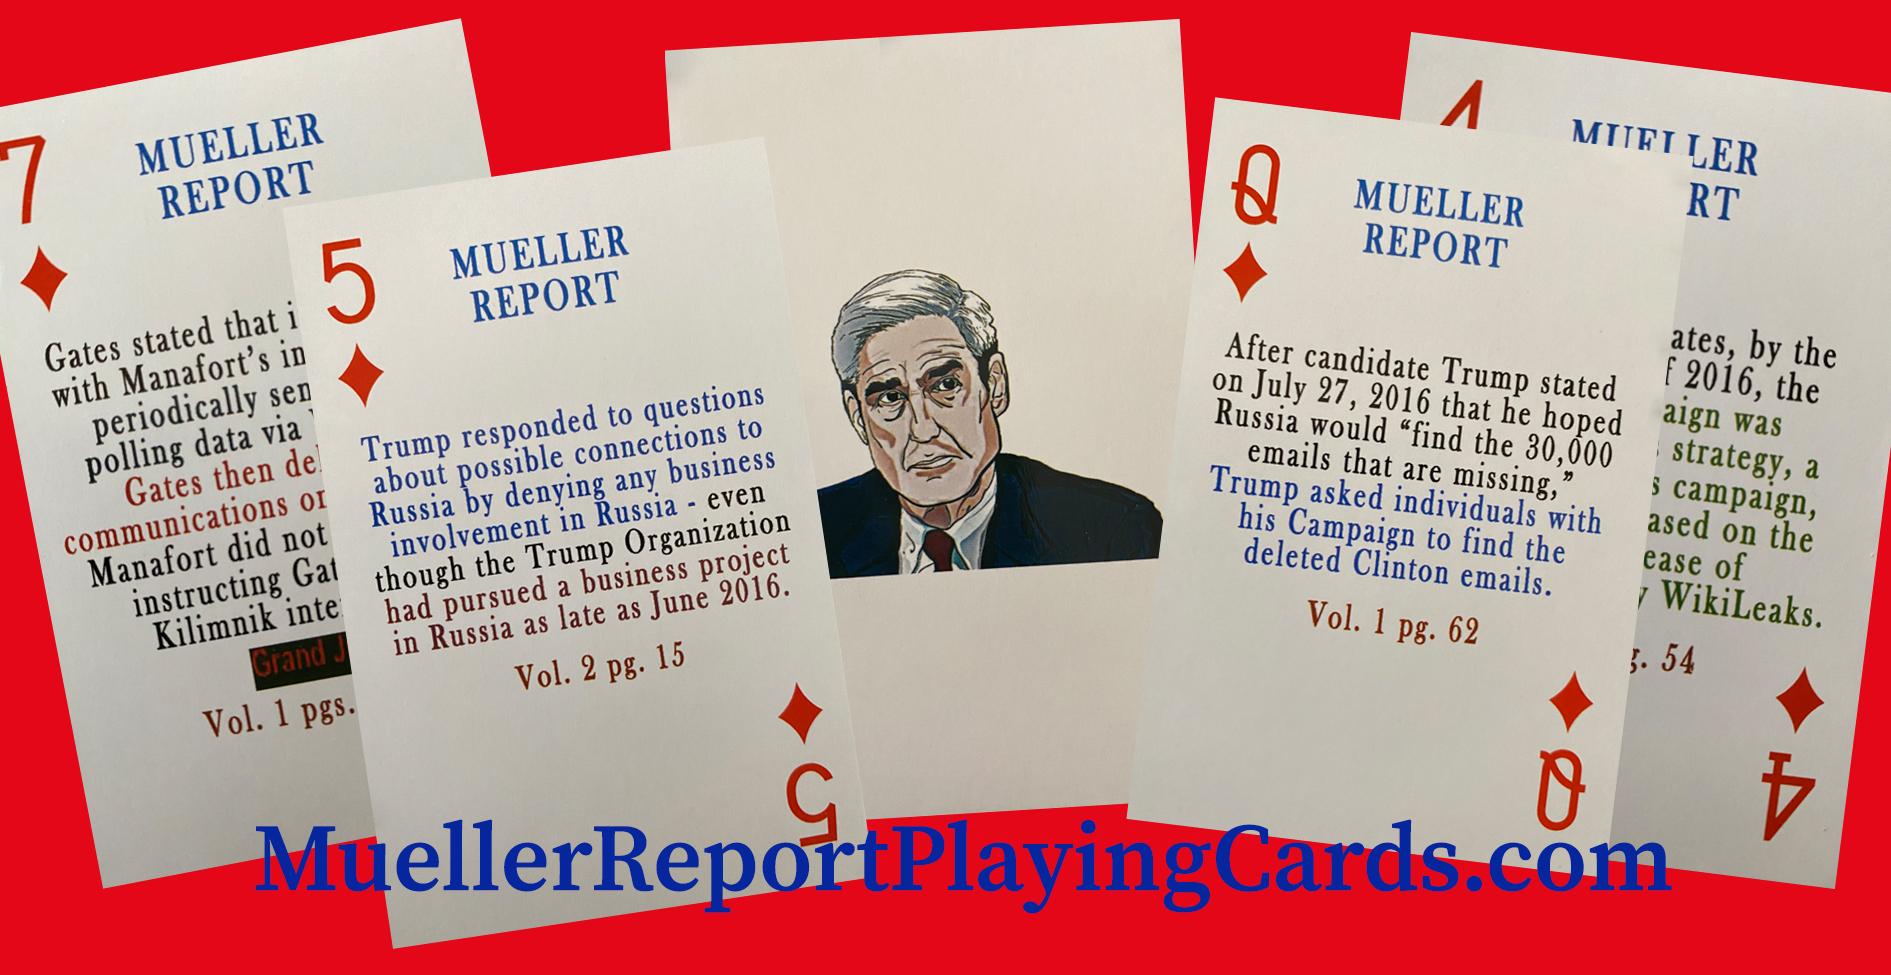 MuellerReportPlayingCards.com